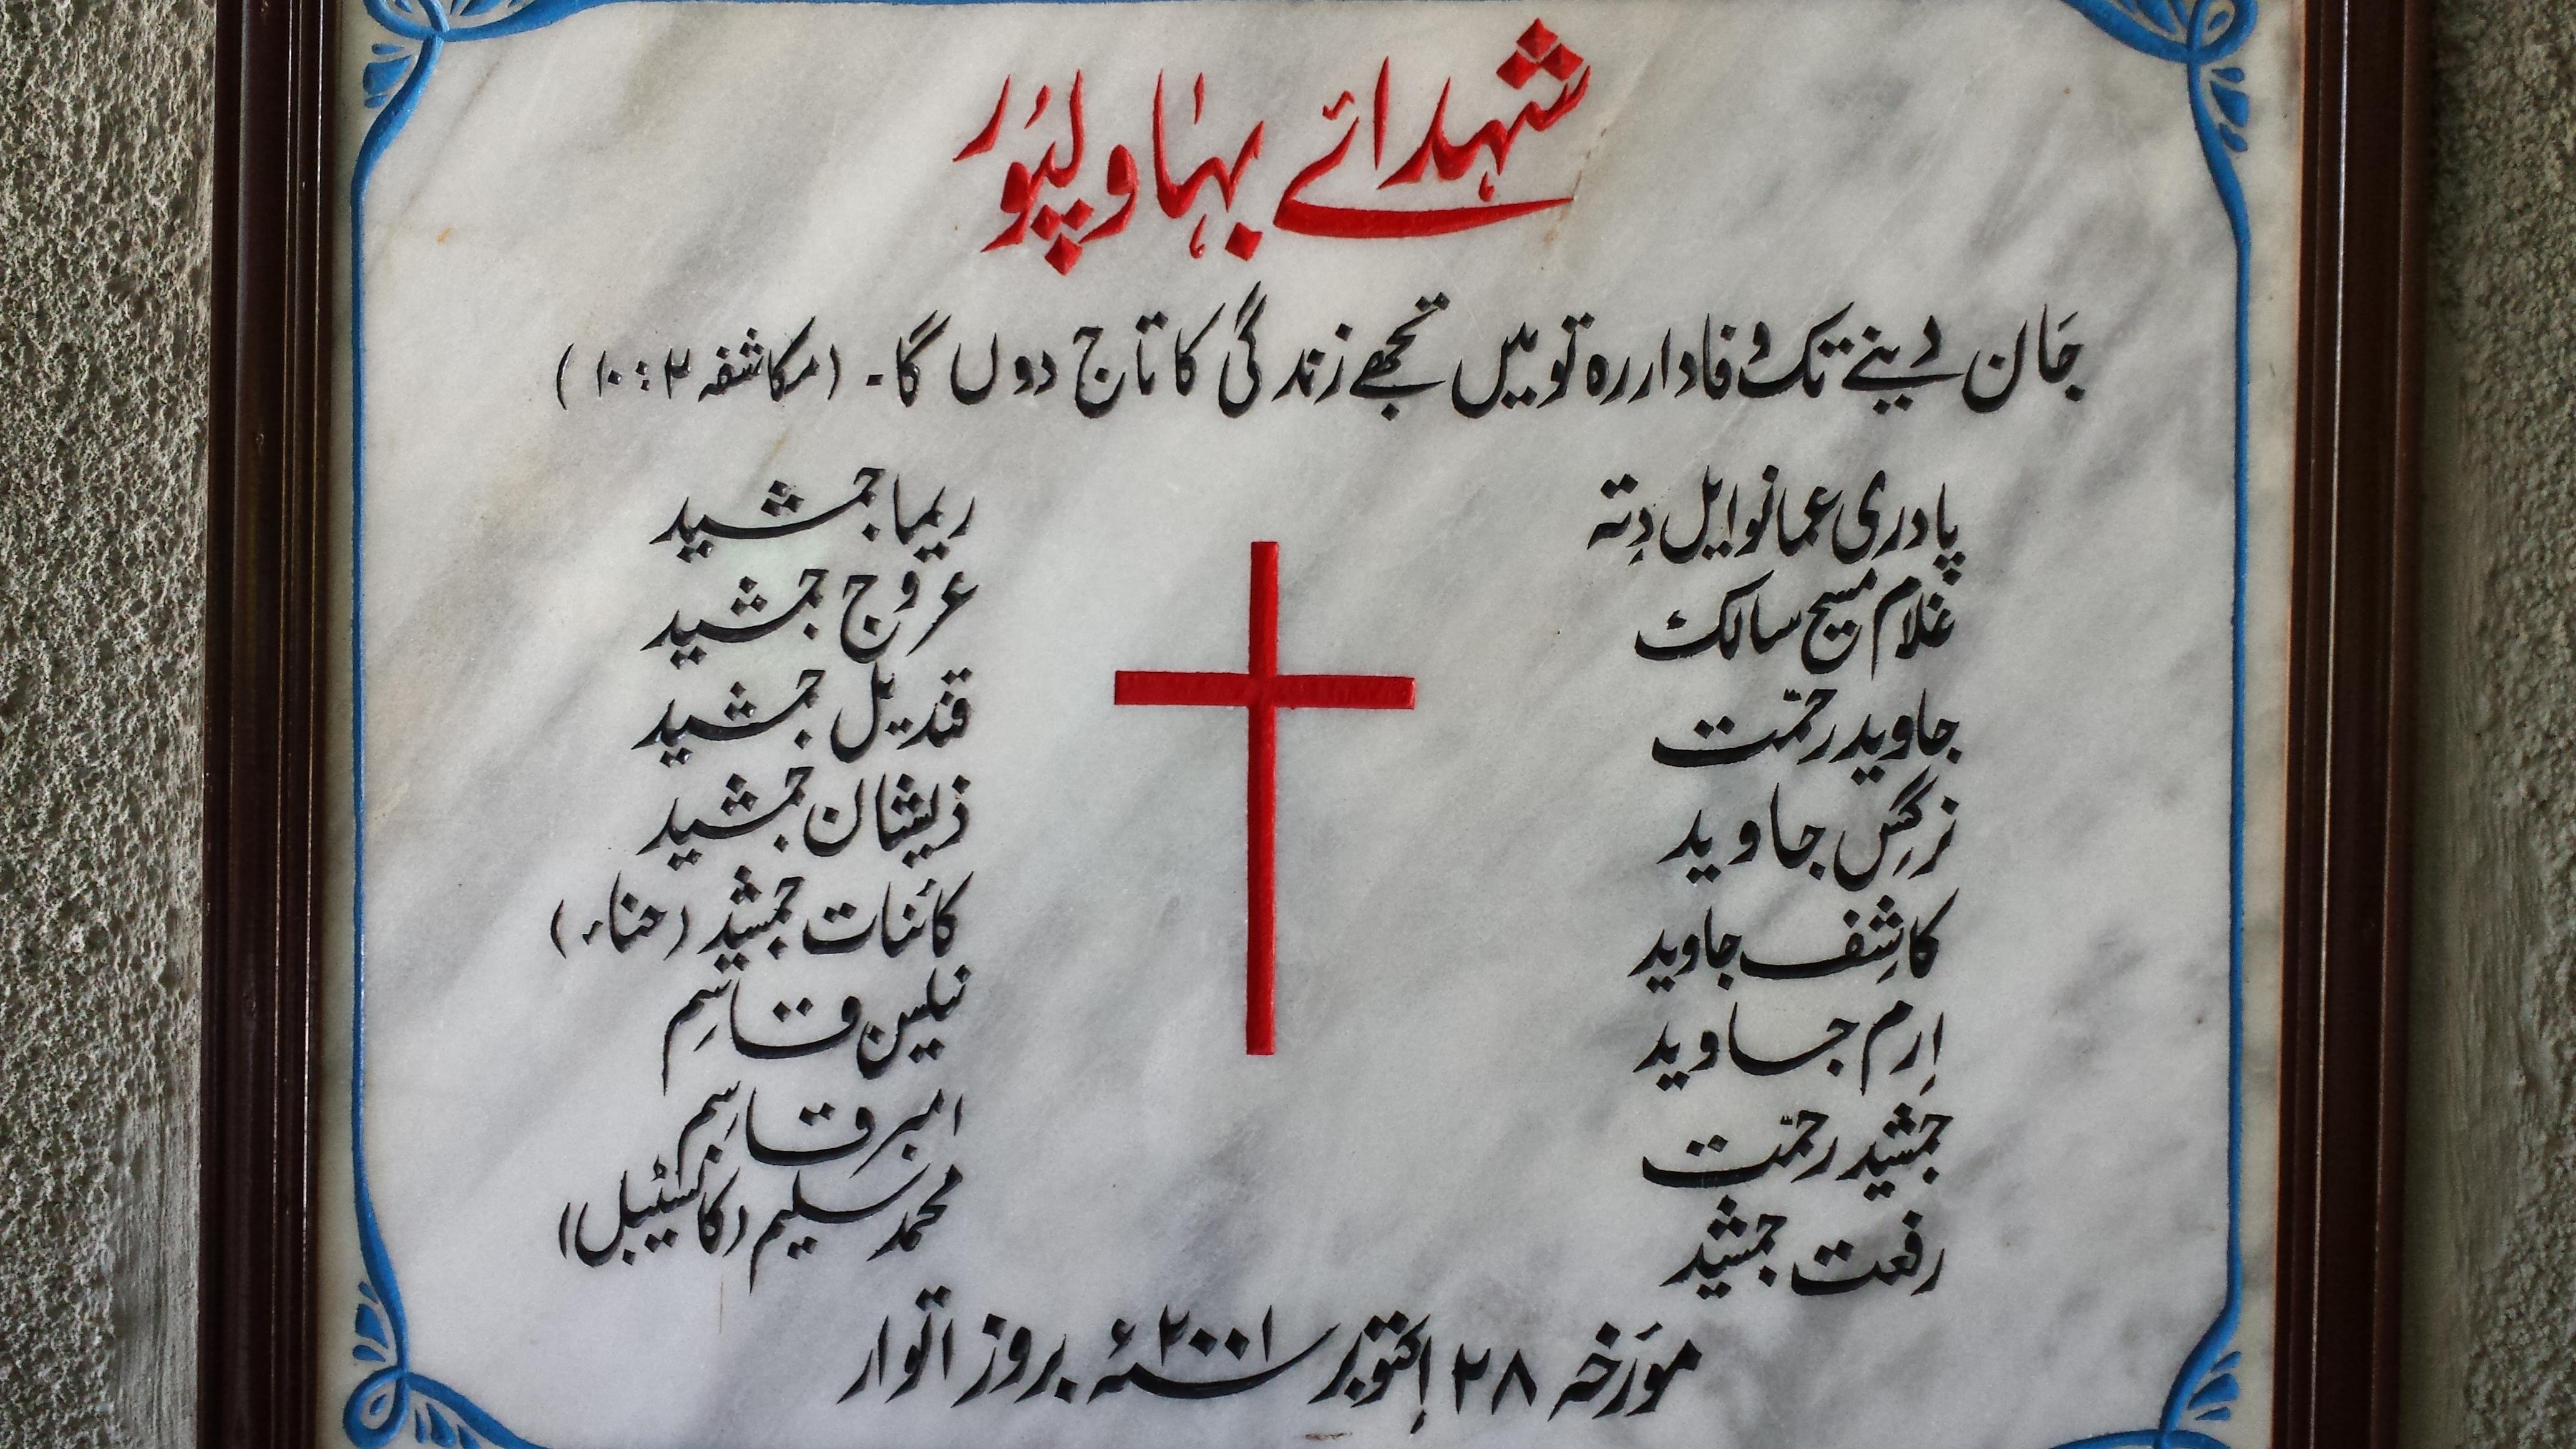 Suite aux attentats du 11 septembre 2001, l'église Saint-Dominique de Bahawalpur (Pakistan) était attaquée le 28 octobre : seize chrétiens, dont sept membres d'une même famille, et un agent de police musulman sont massacrés par plusieurs hommes armés. Leurs noms sont inscrits sur une plaque apposée à l'entrée de l'église © Frère Louis-Marie Ariño-Durand